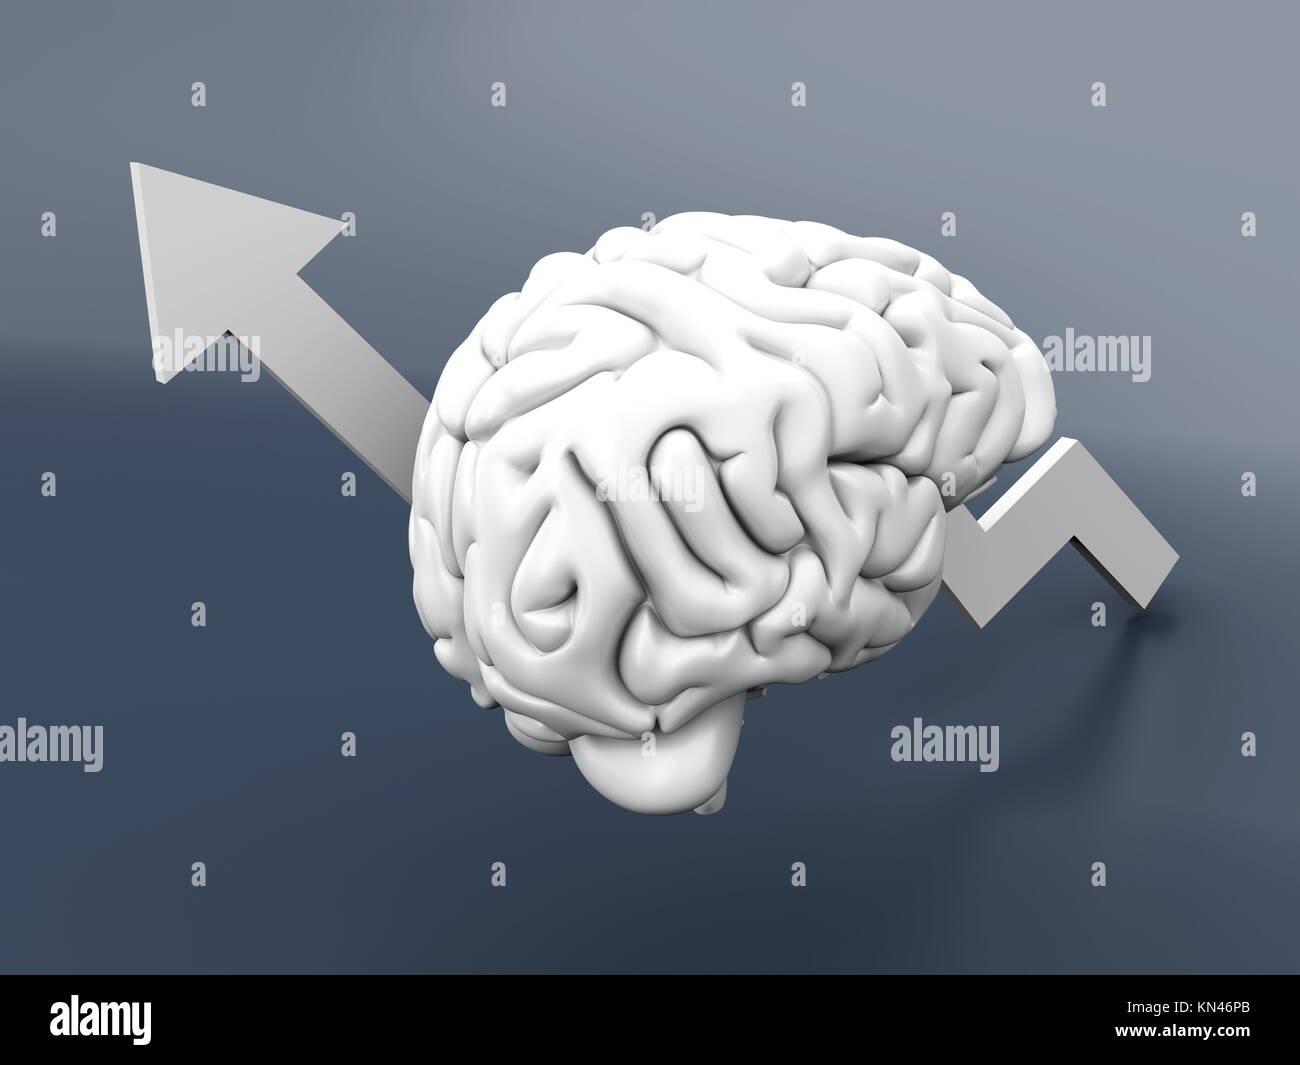 Wachsende Intelligenz. 3D-Darstellung. Stockbild